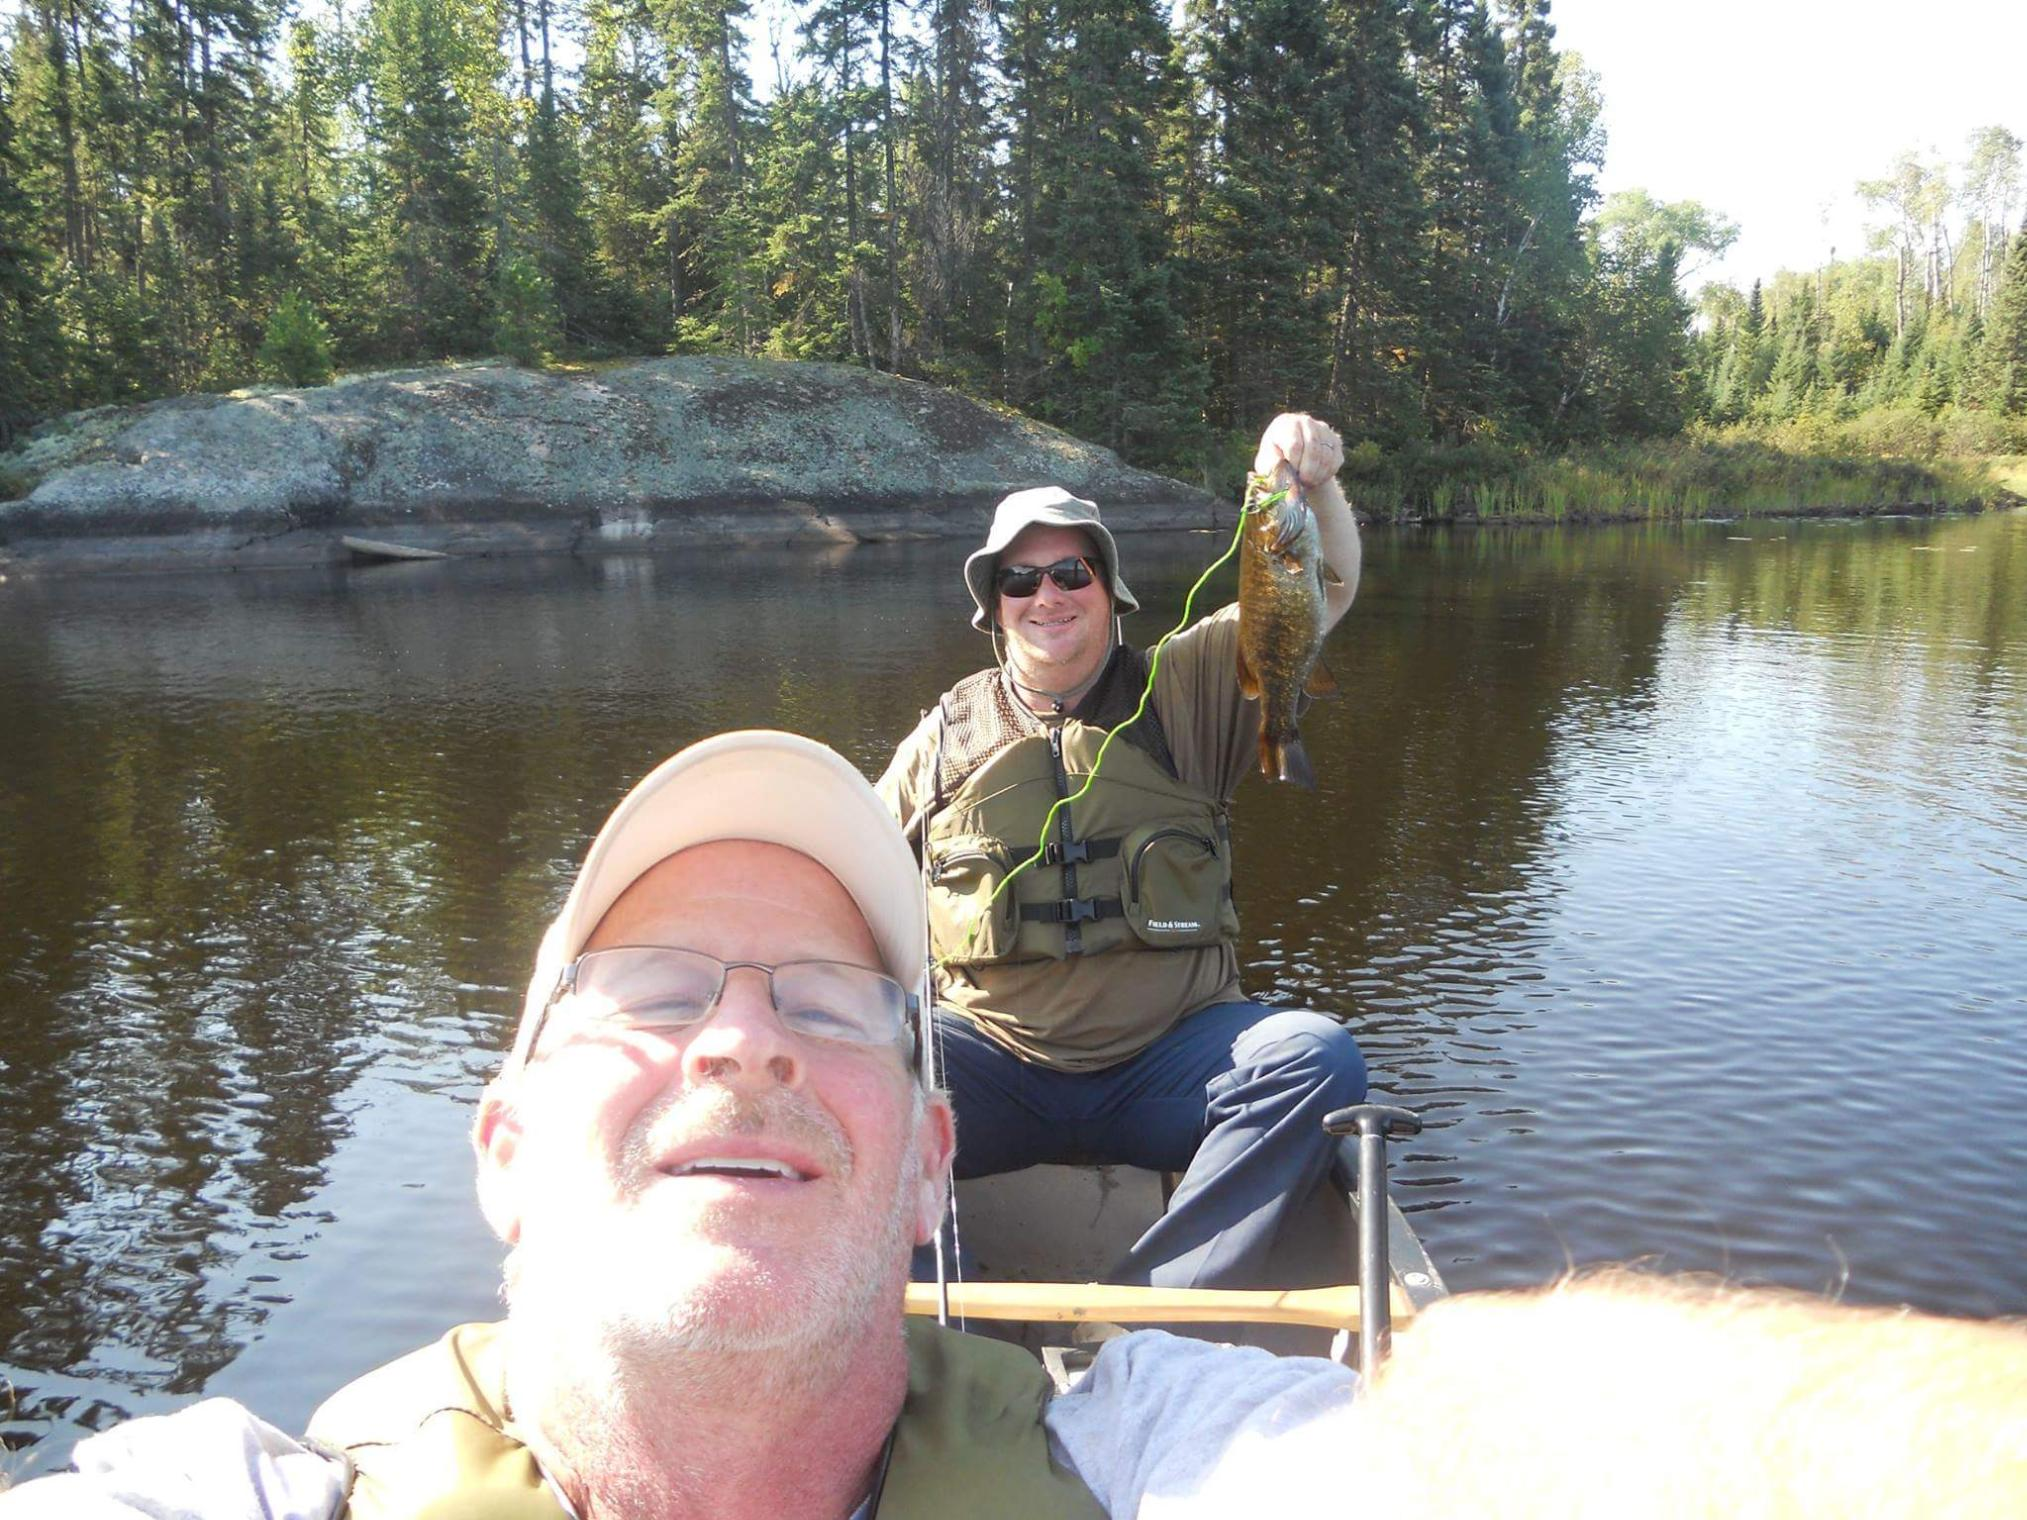 Fishing the Kawishiwi river